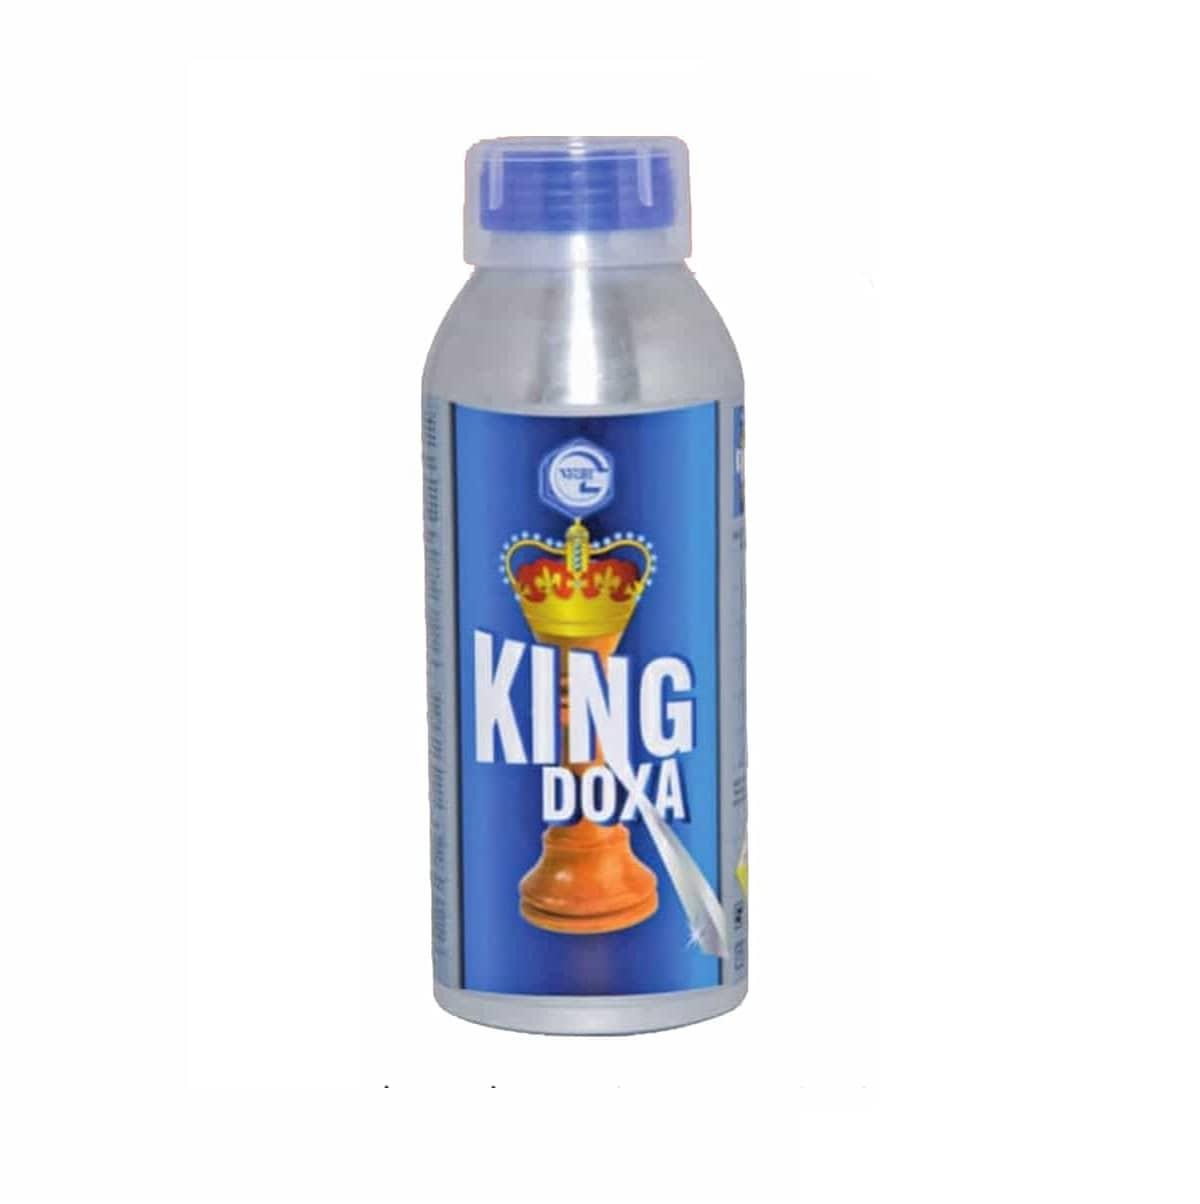 Kingdoxa